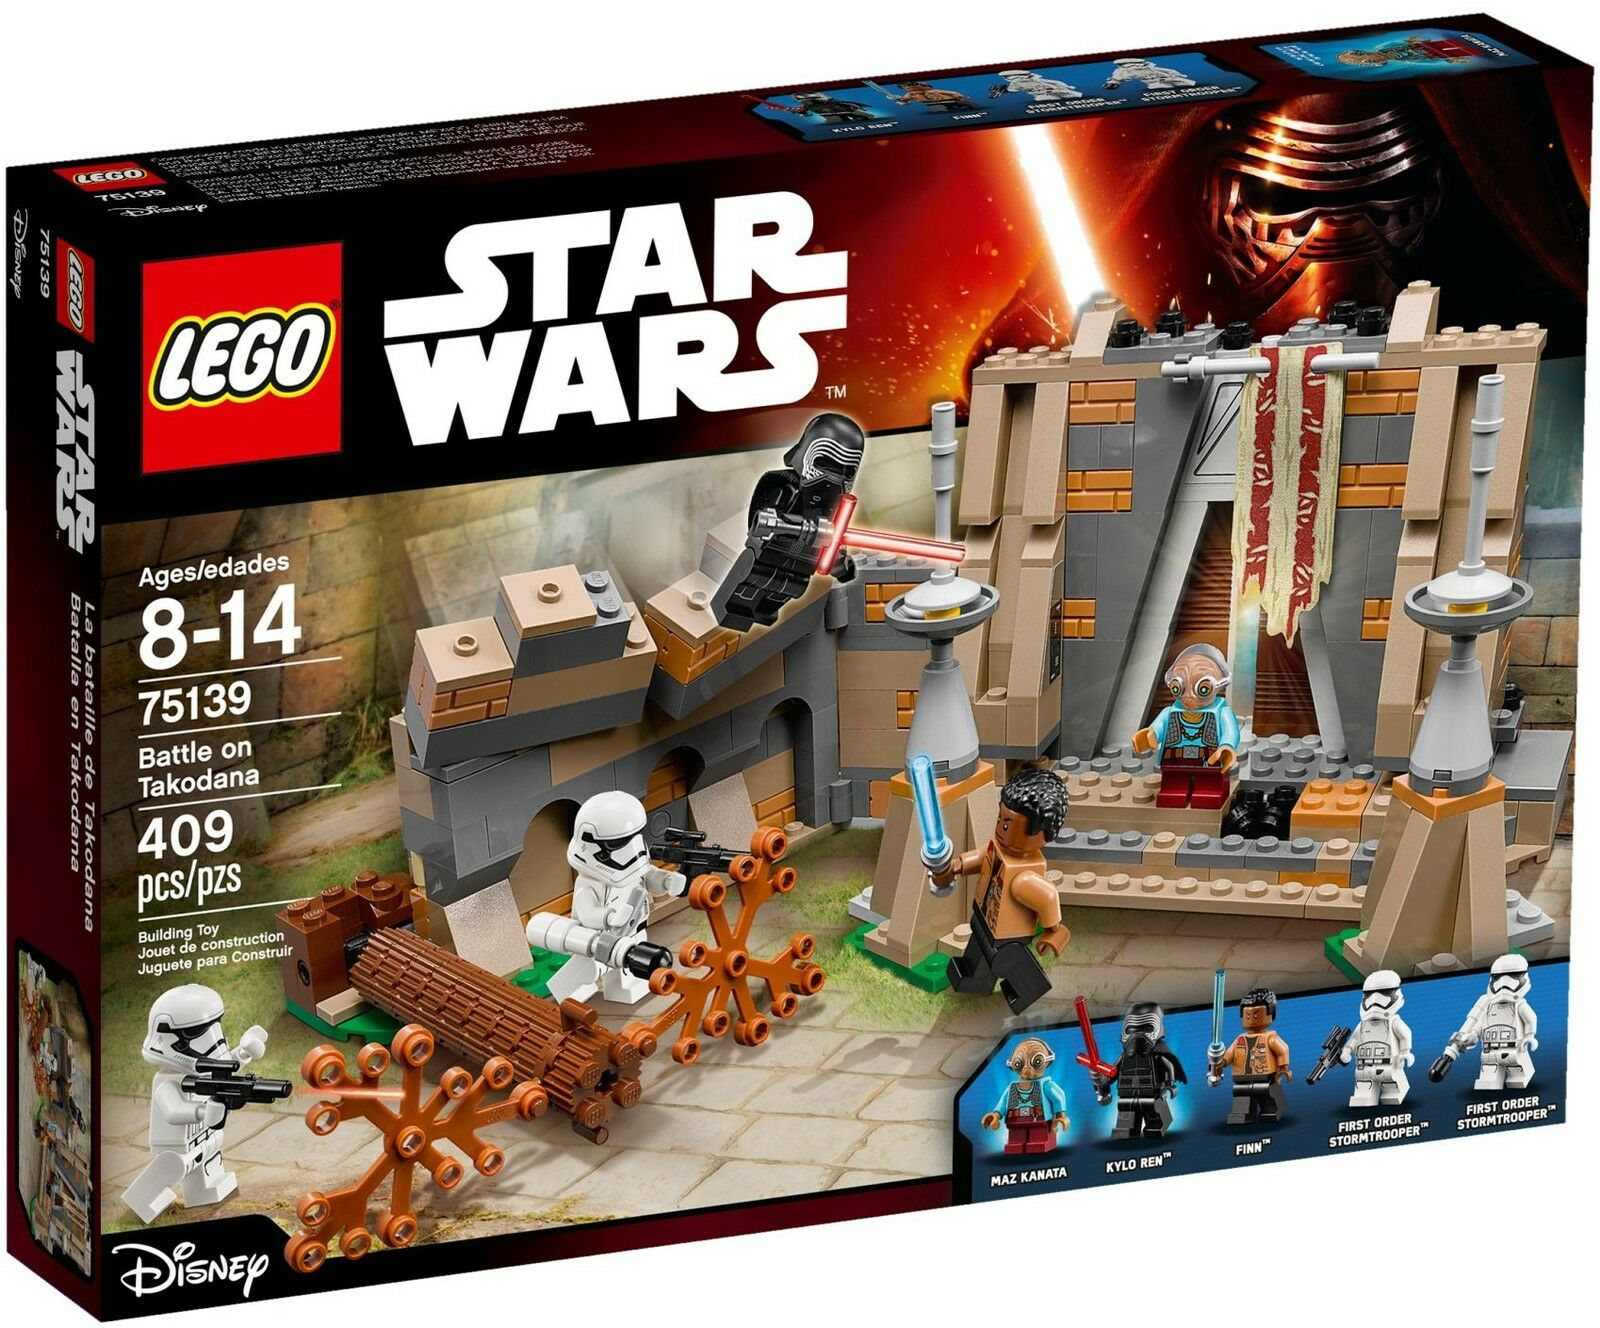 LEGO Star Wars - 75139 Battle on on on Takodana mit Kylo Ren & Maz Kanata - Neu & OVP 9175b3